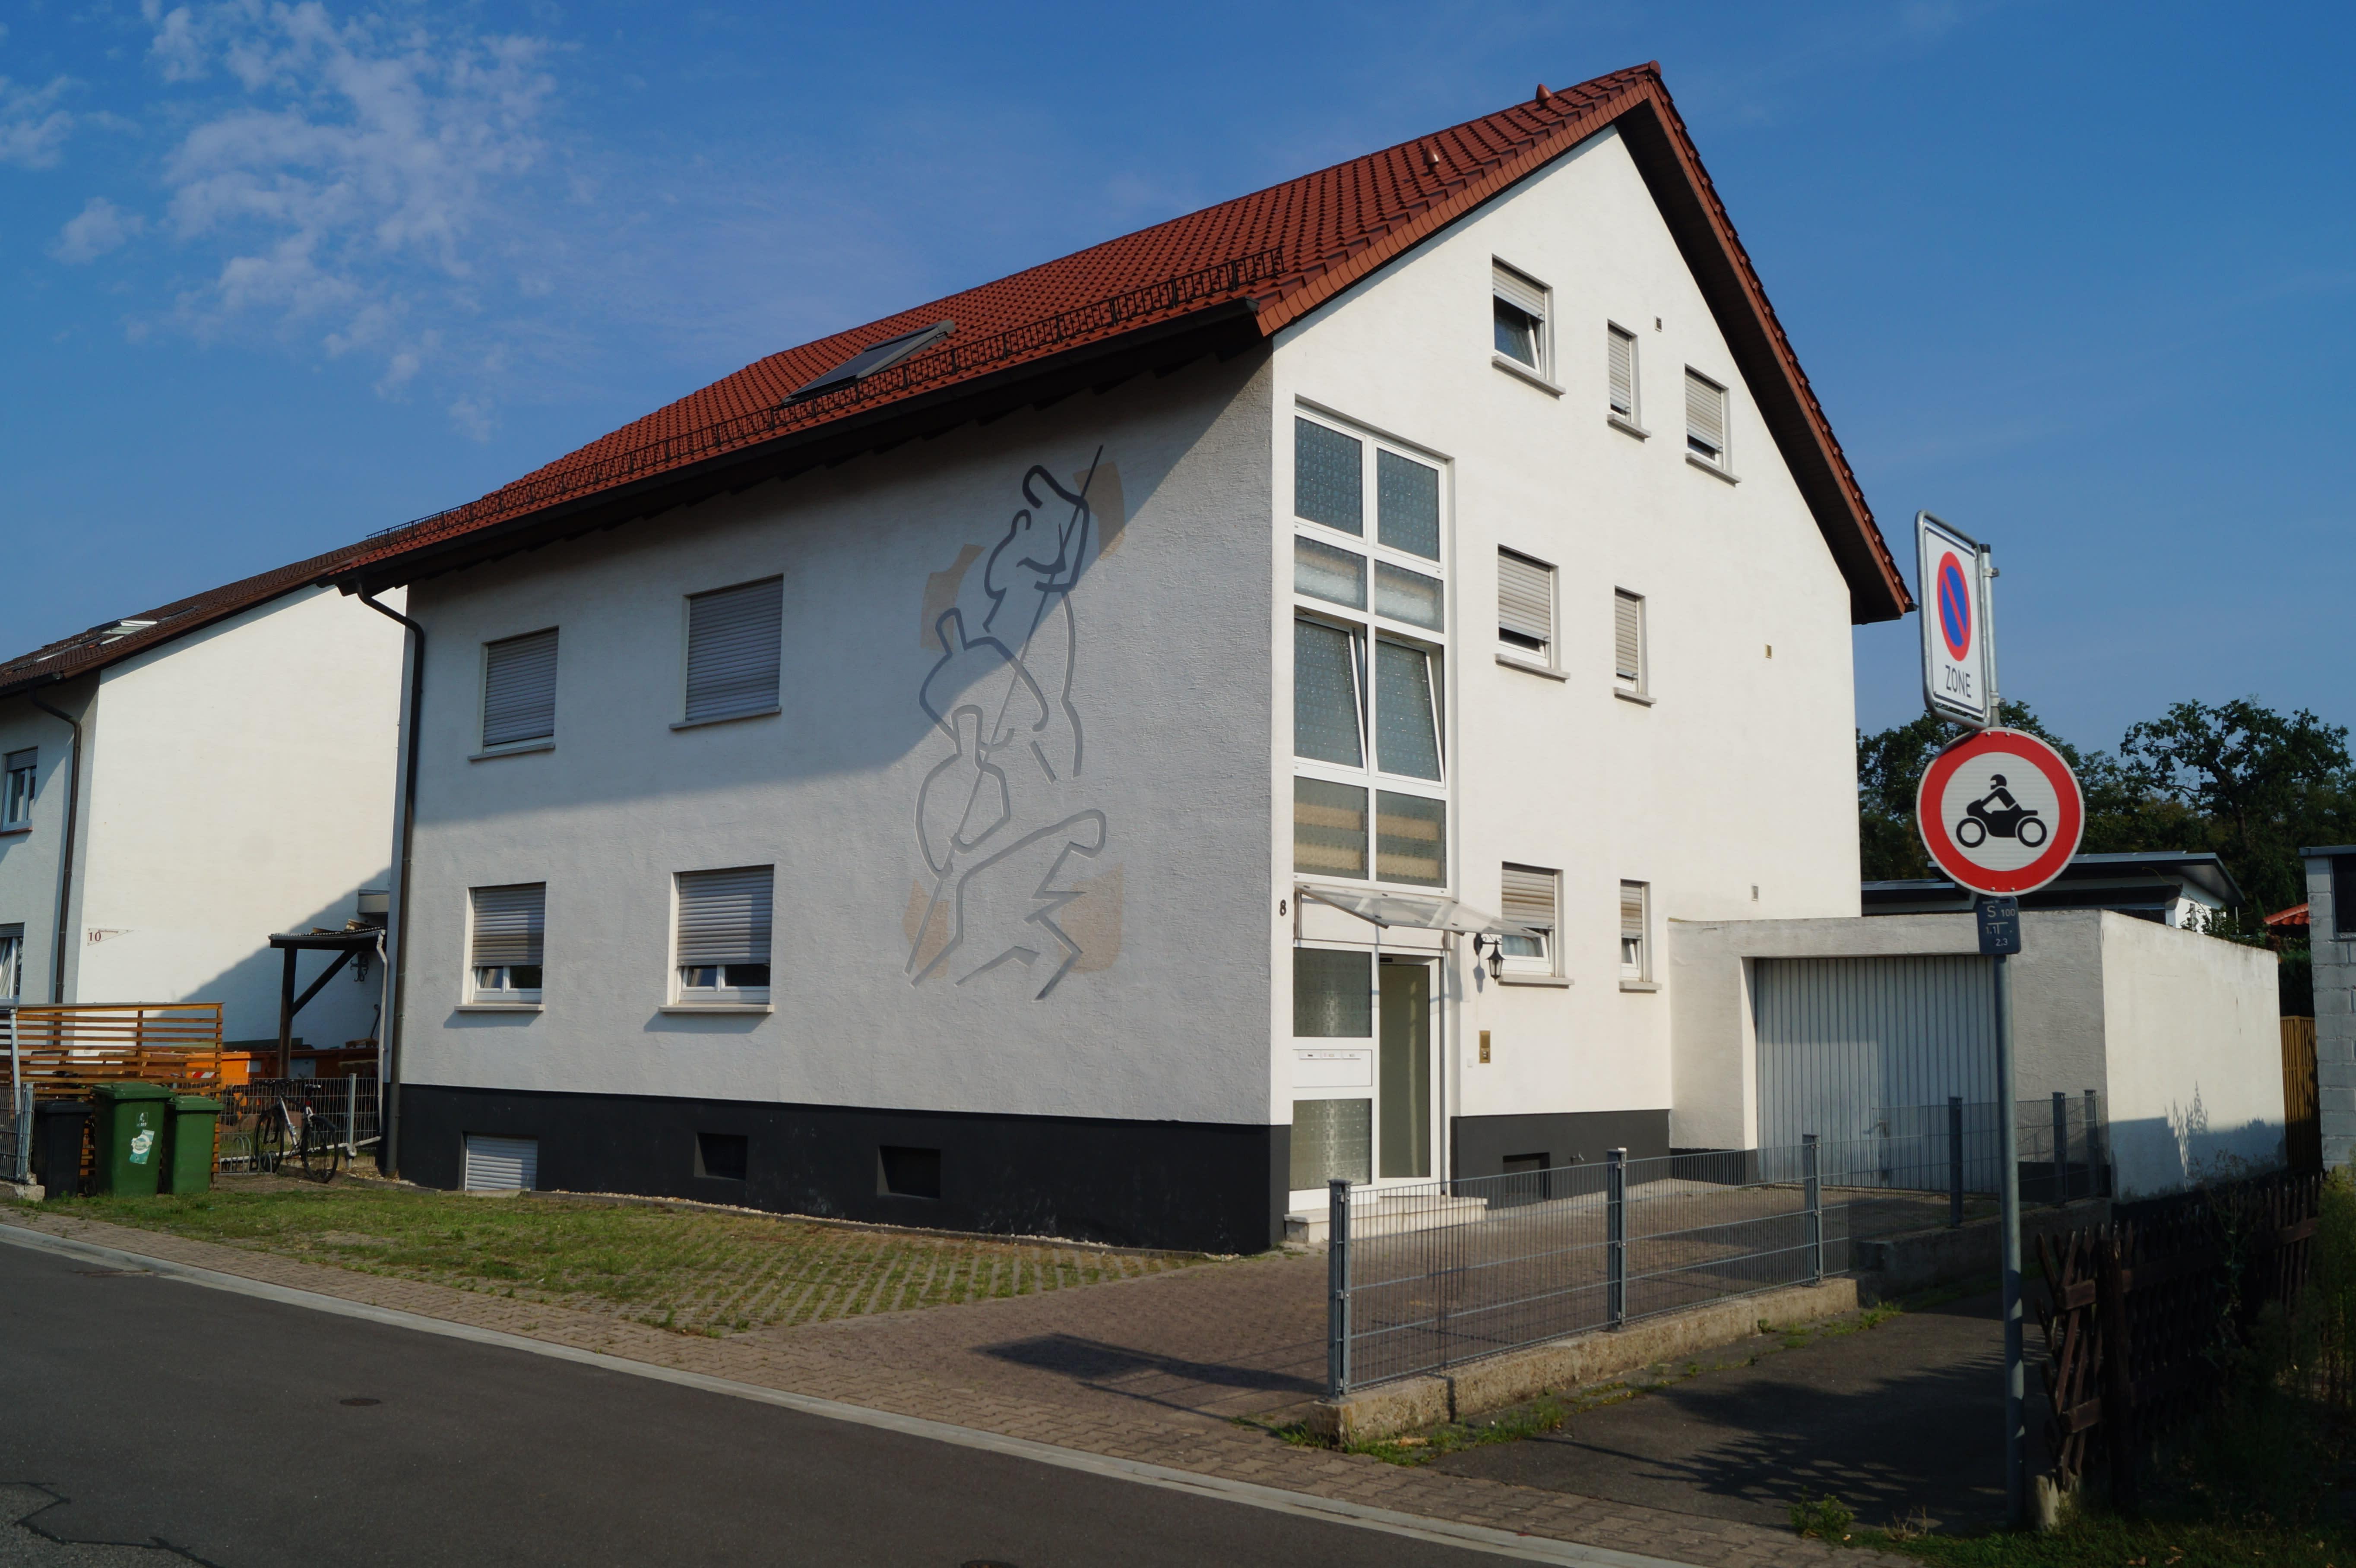 2-/3-Familienhaus